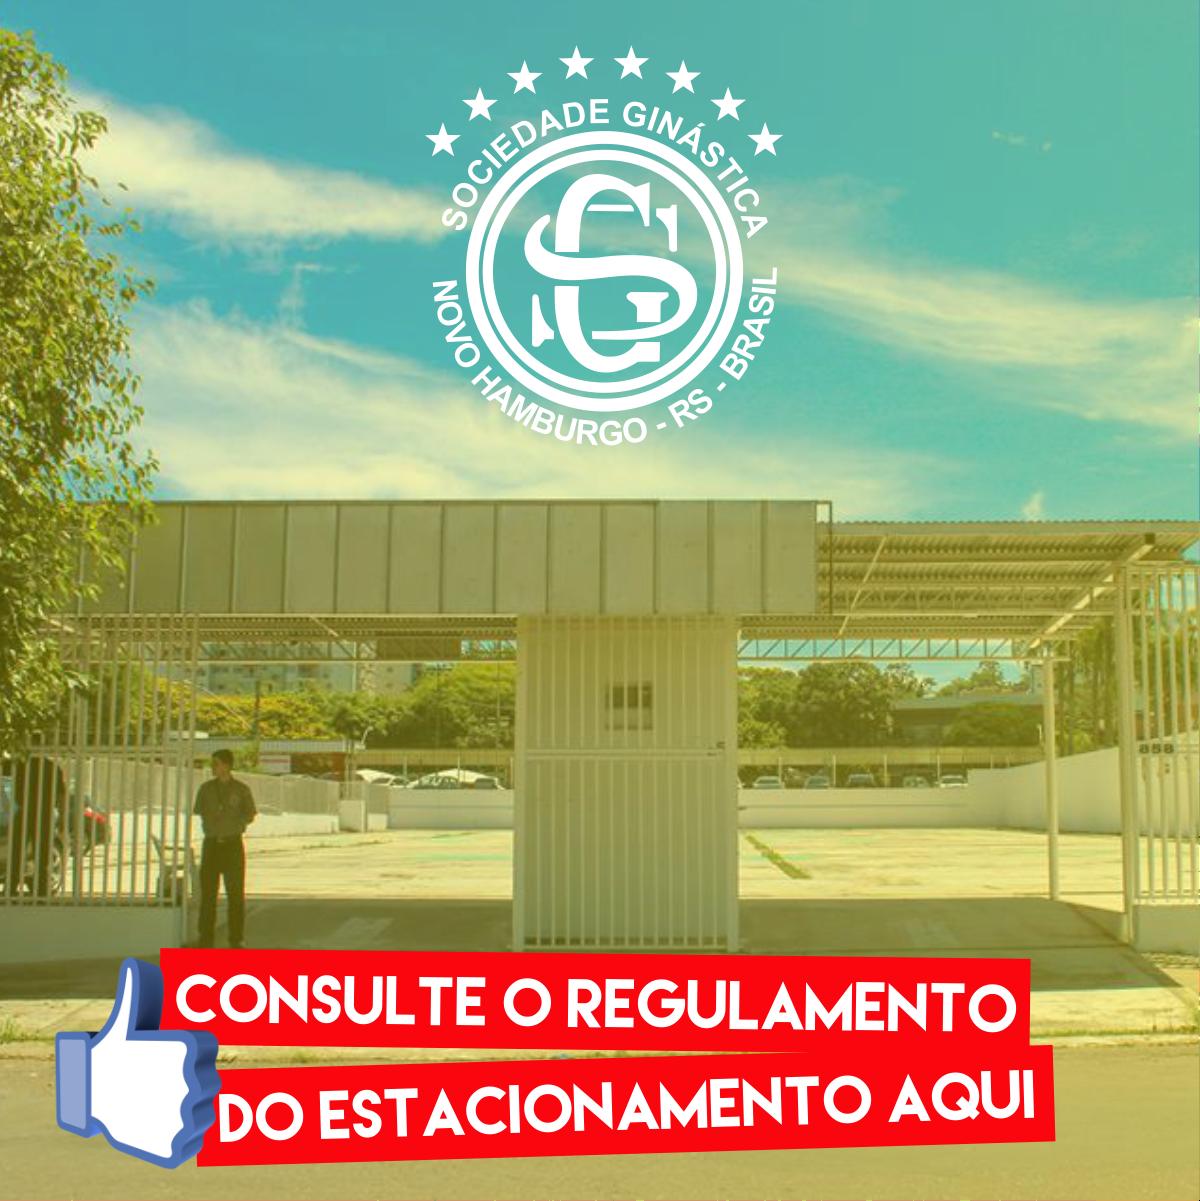 Procedimento Estacionamento 25 de Julho/Castro Alves